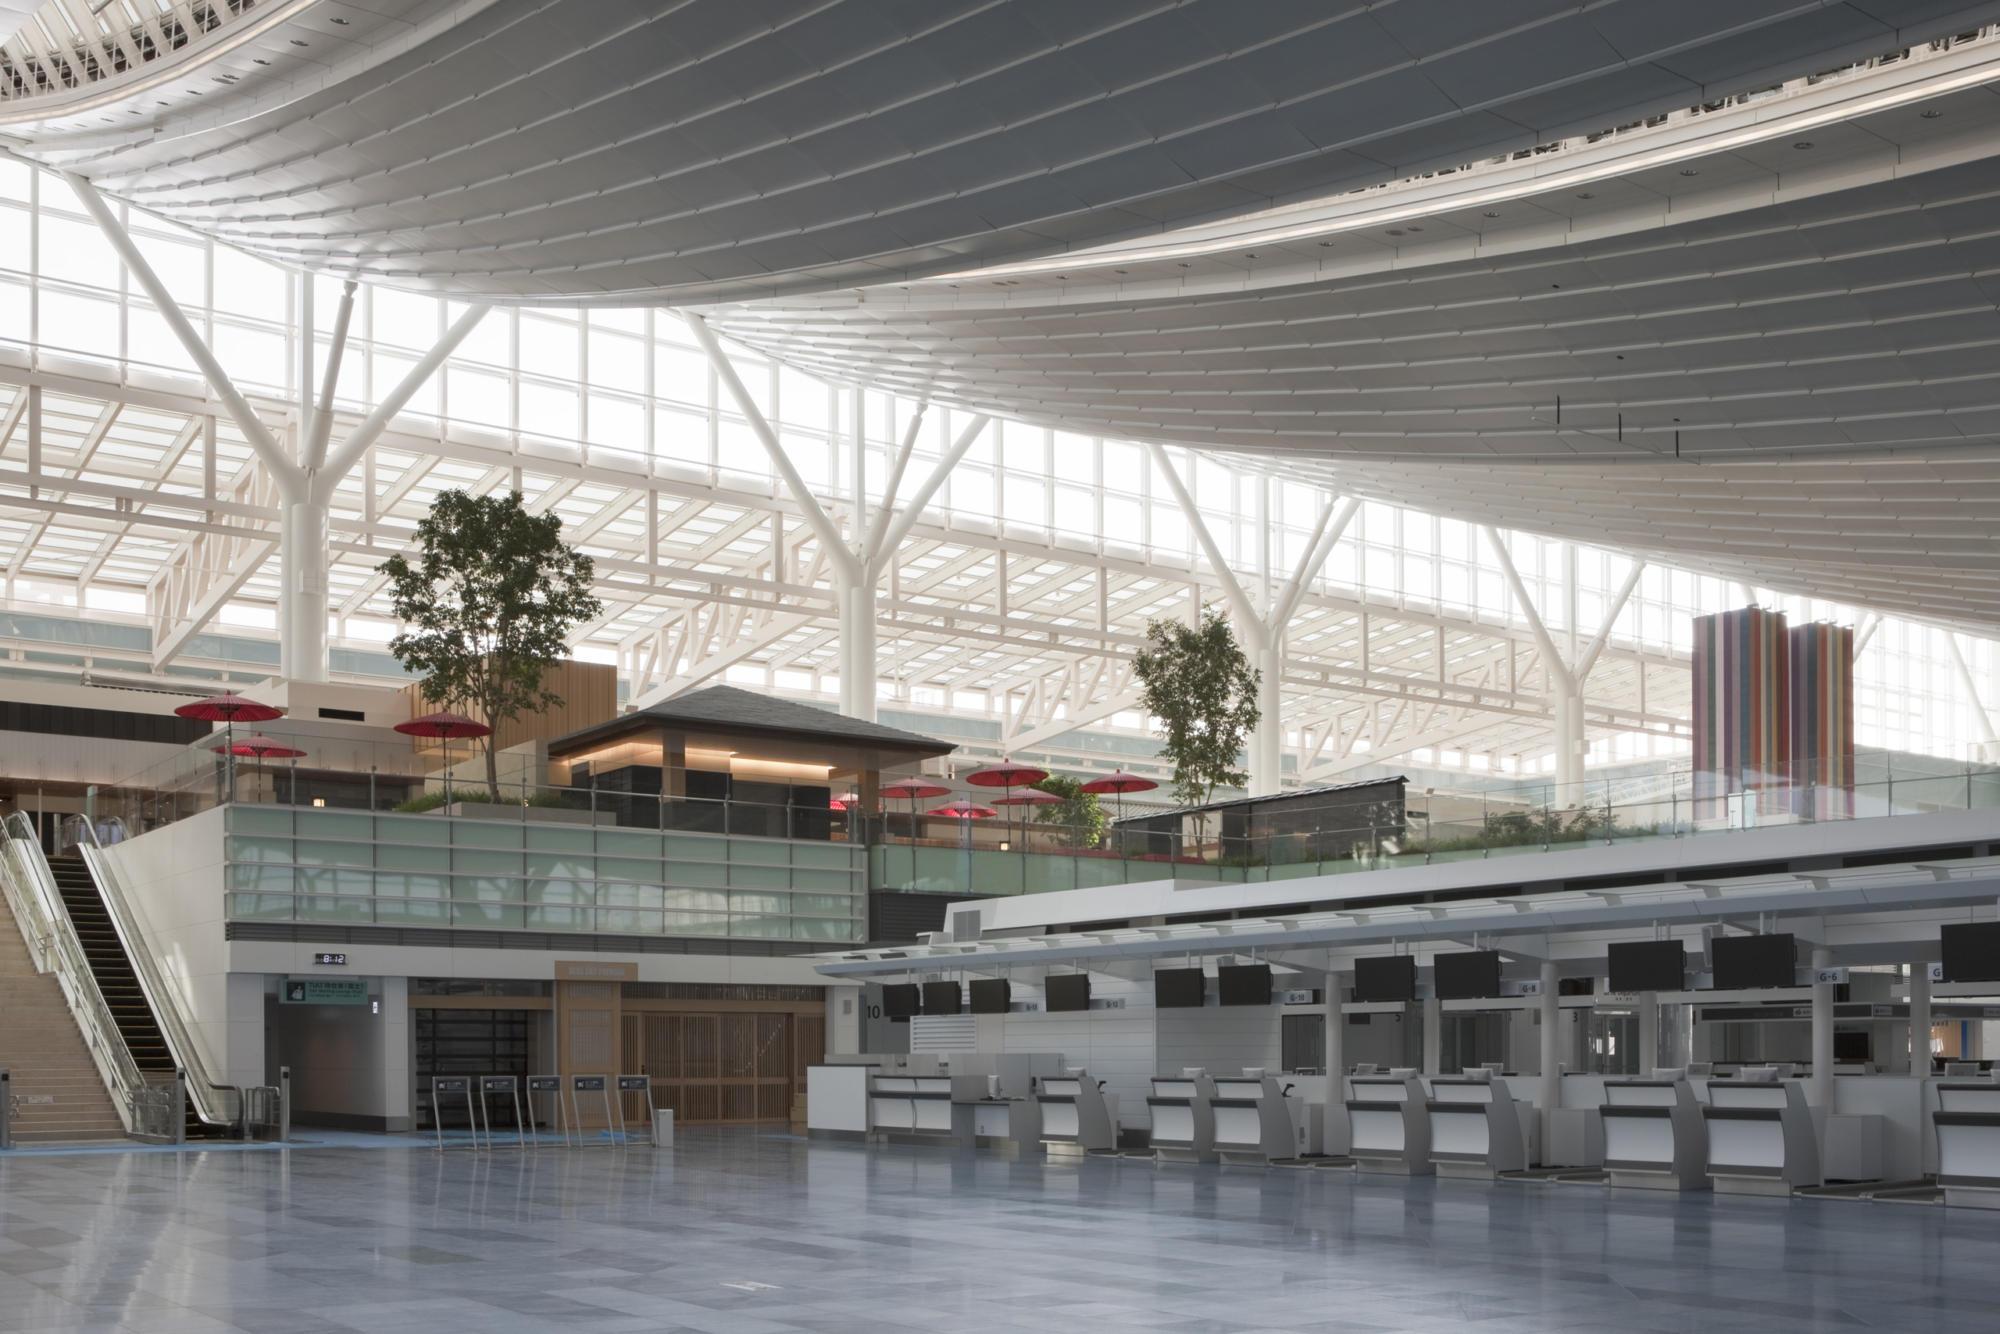 東京国際空港ターミナル商業ゾーン | WORKS |